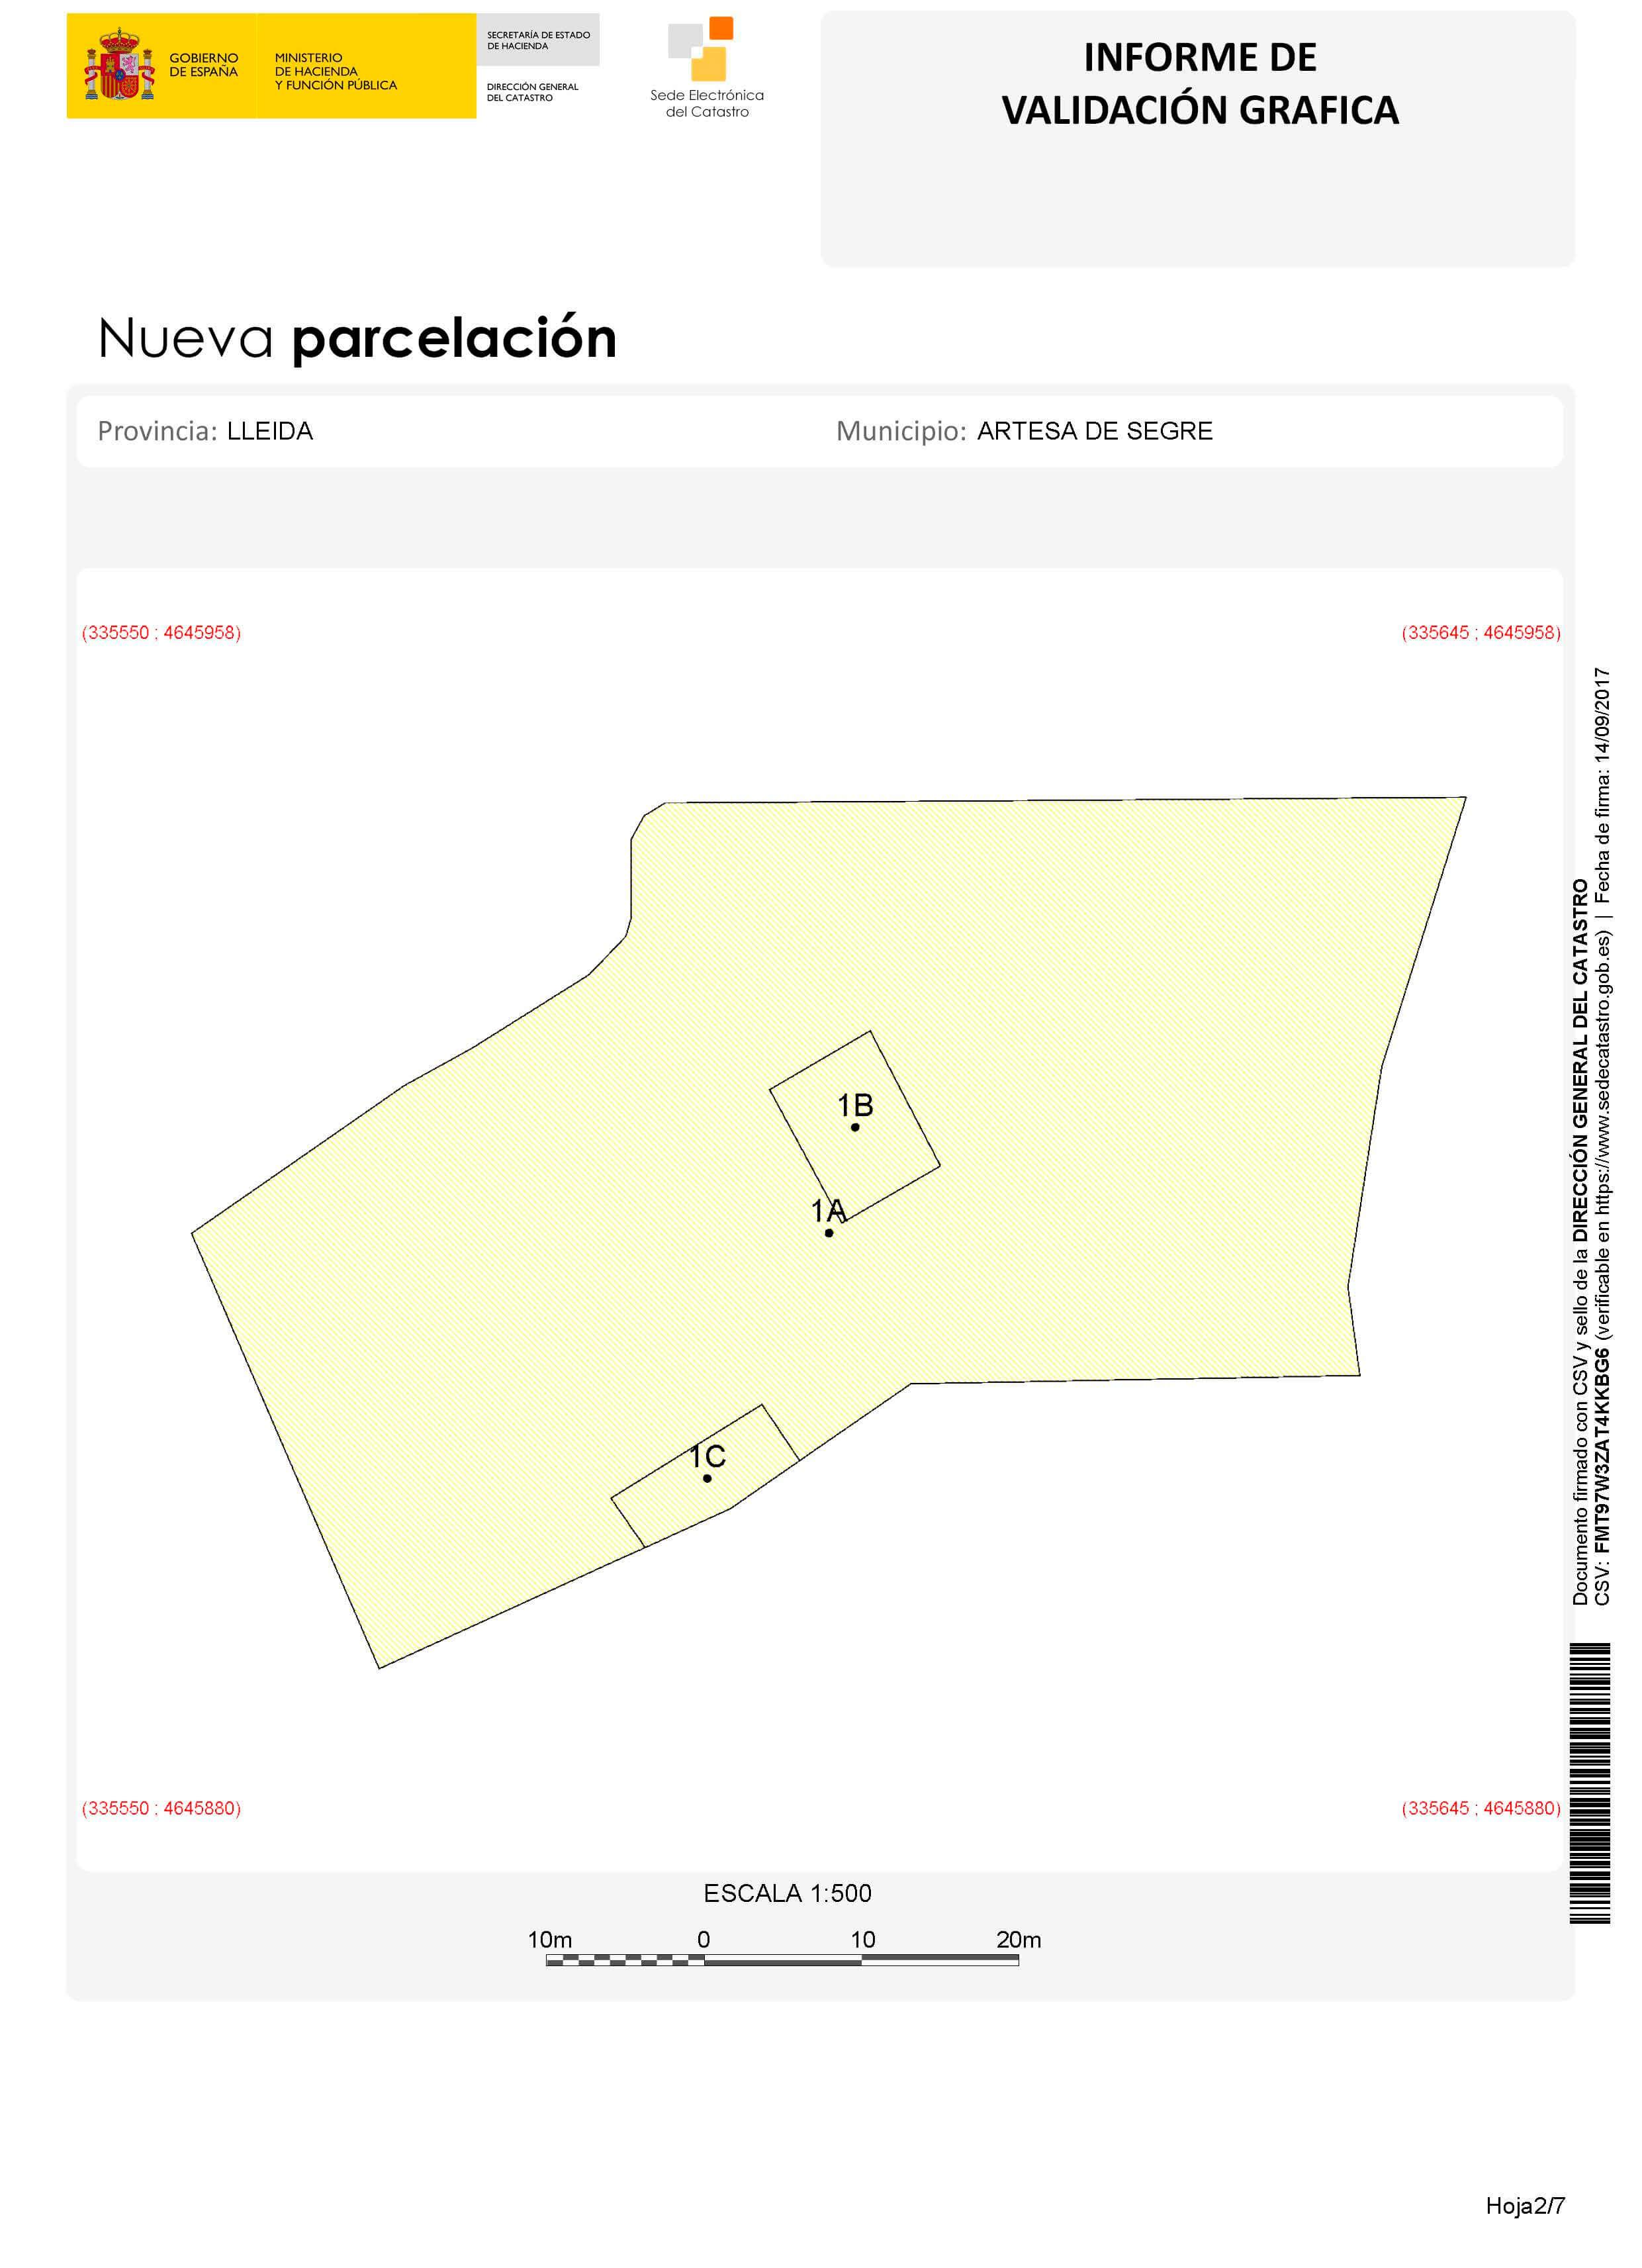 INFORME-COORDENADAS-GEORREFERENCIADAS_Página_2